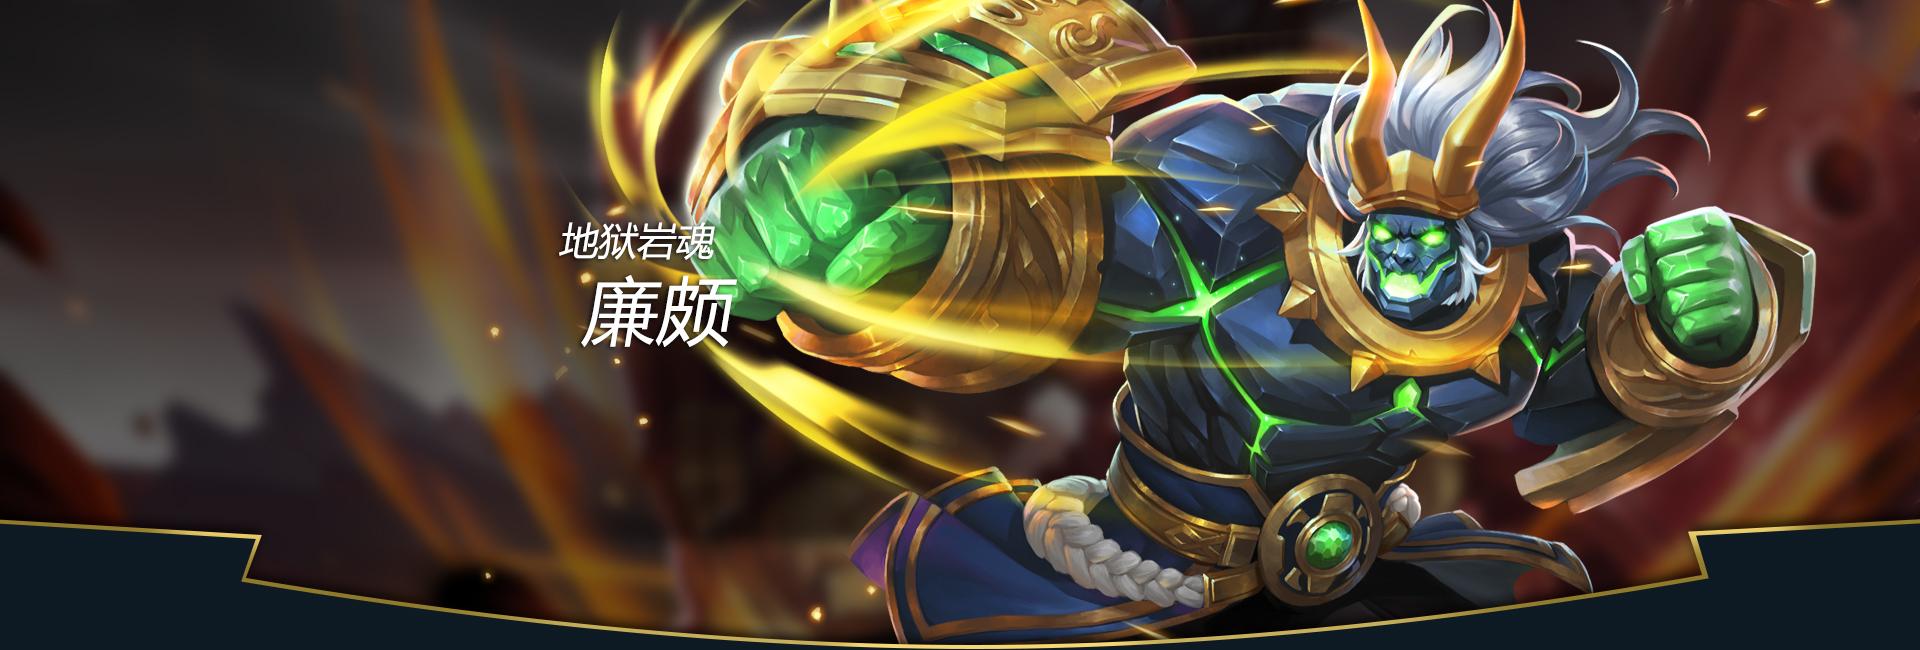 第2弹《王者荣耀英雄皮肤CG》竞技游戏91